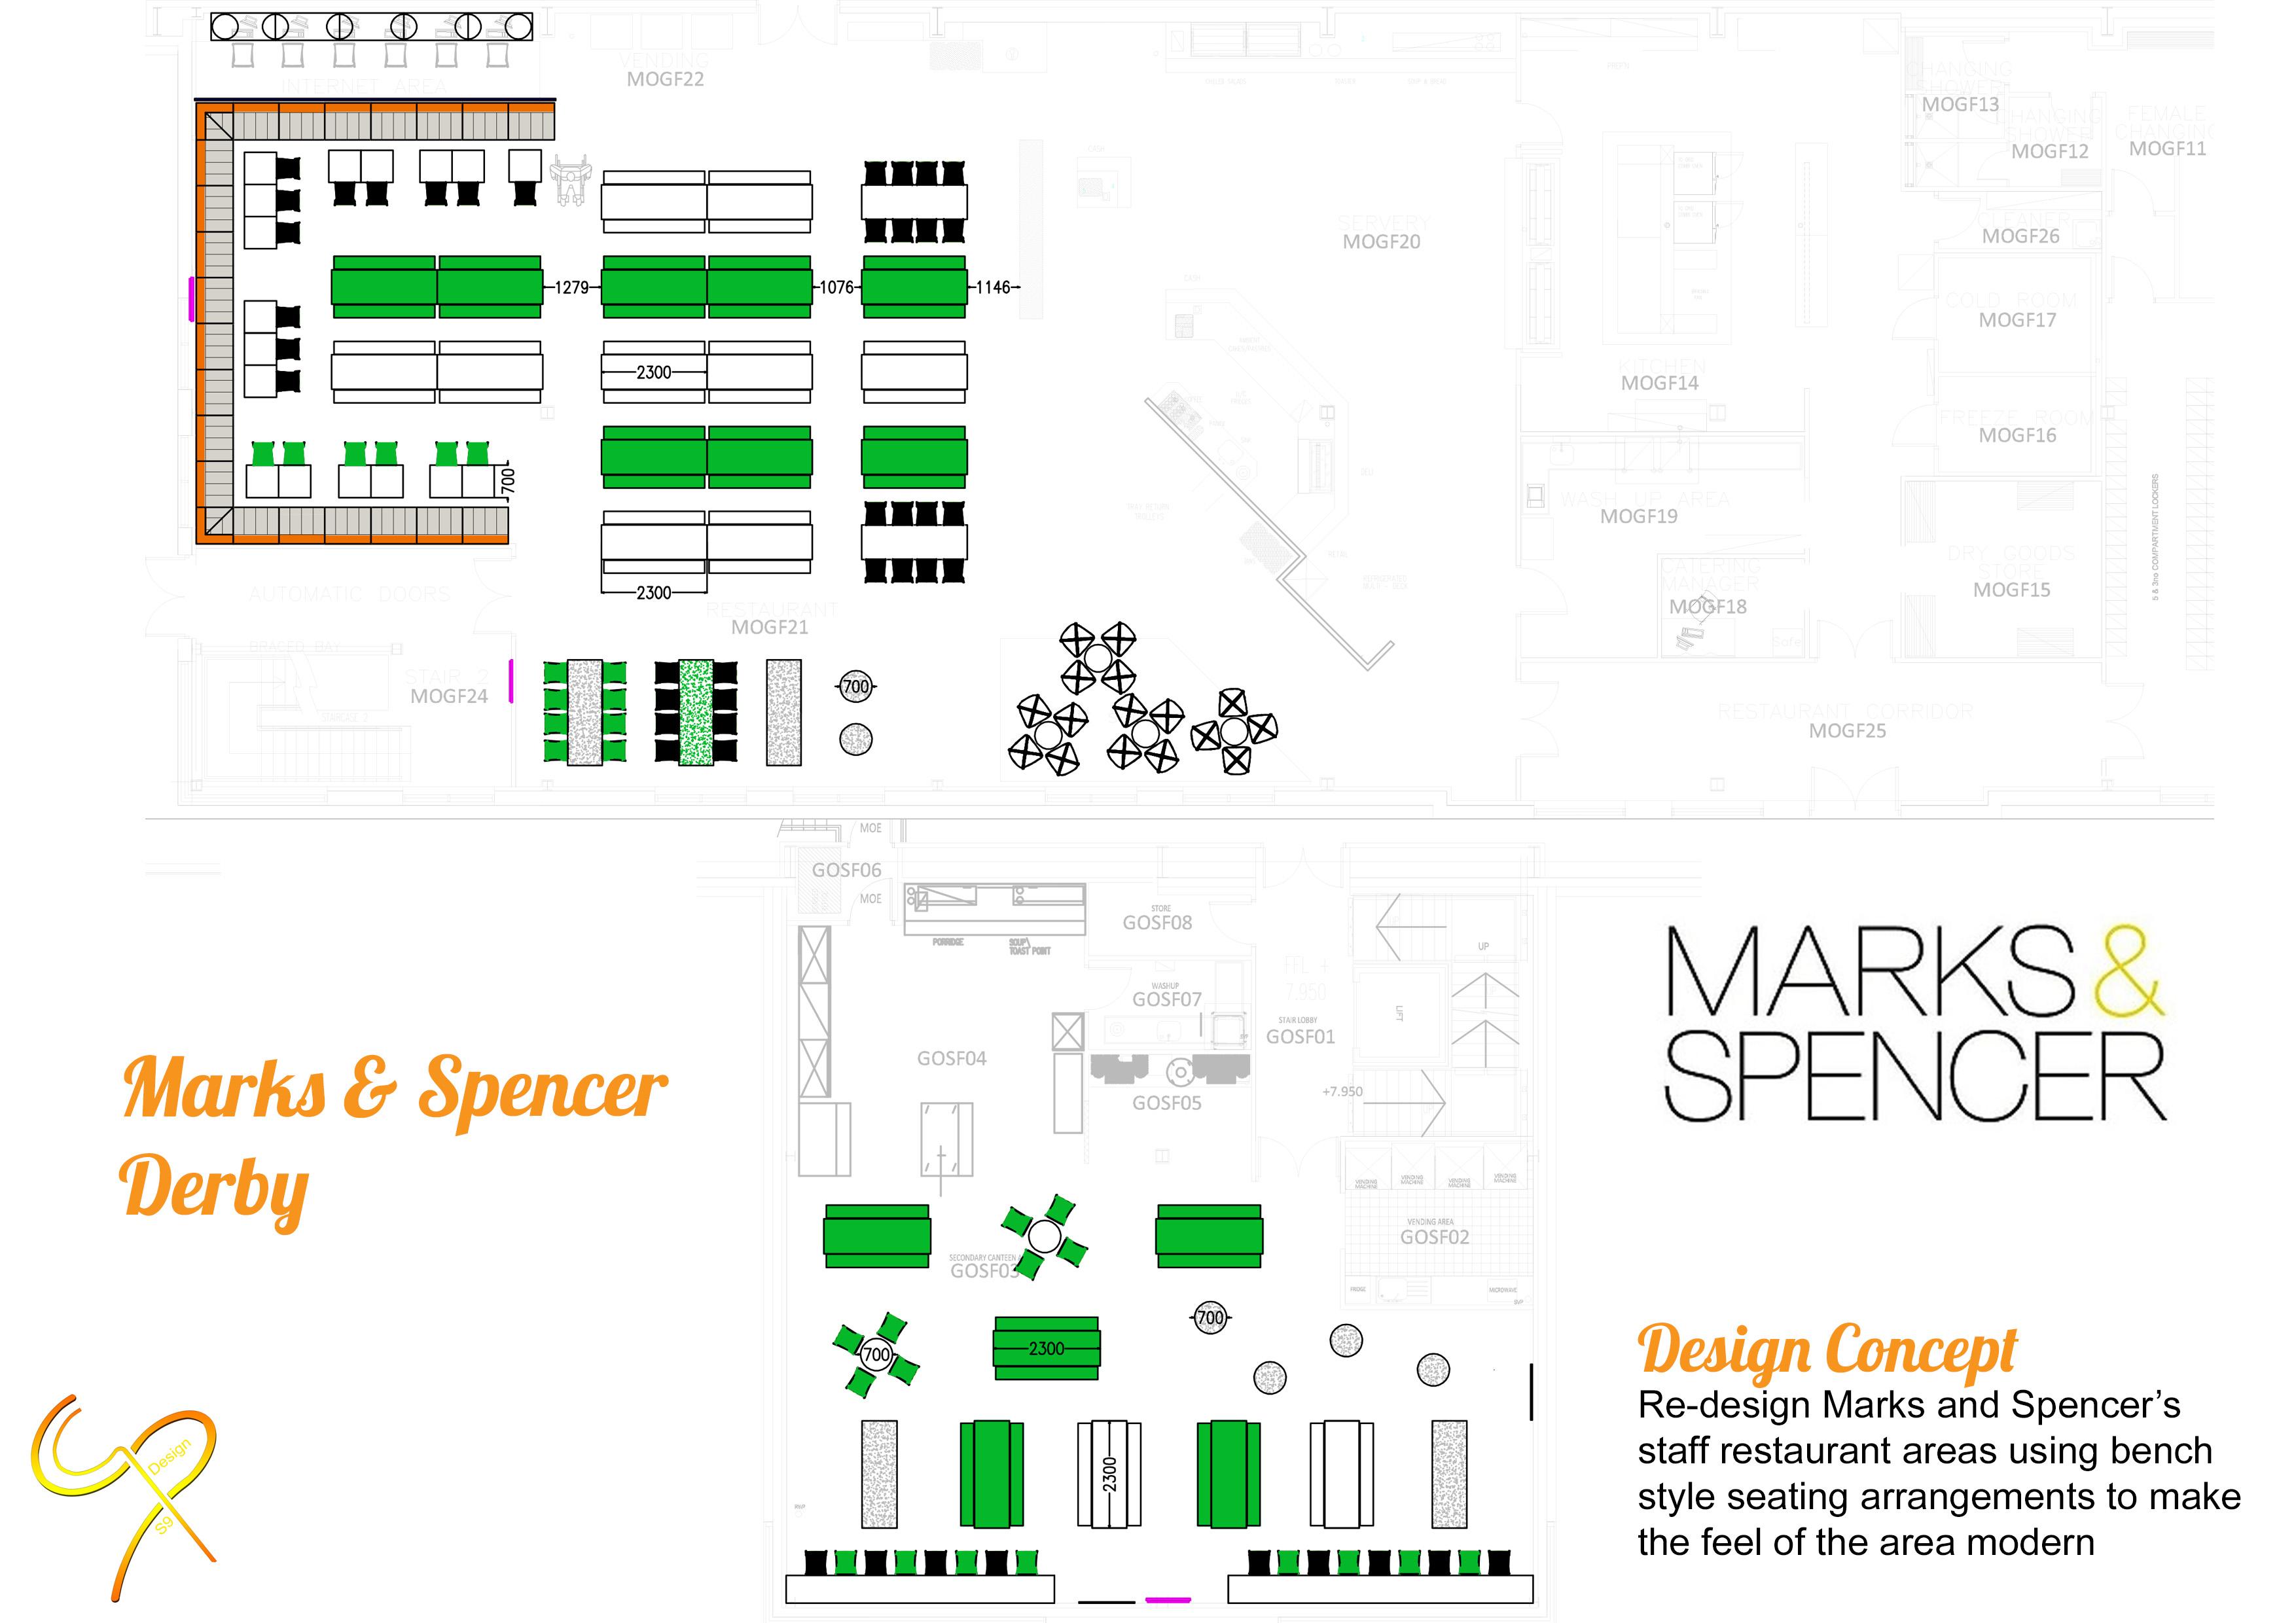 Marks & Spencer - Derby